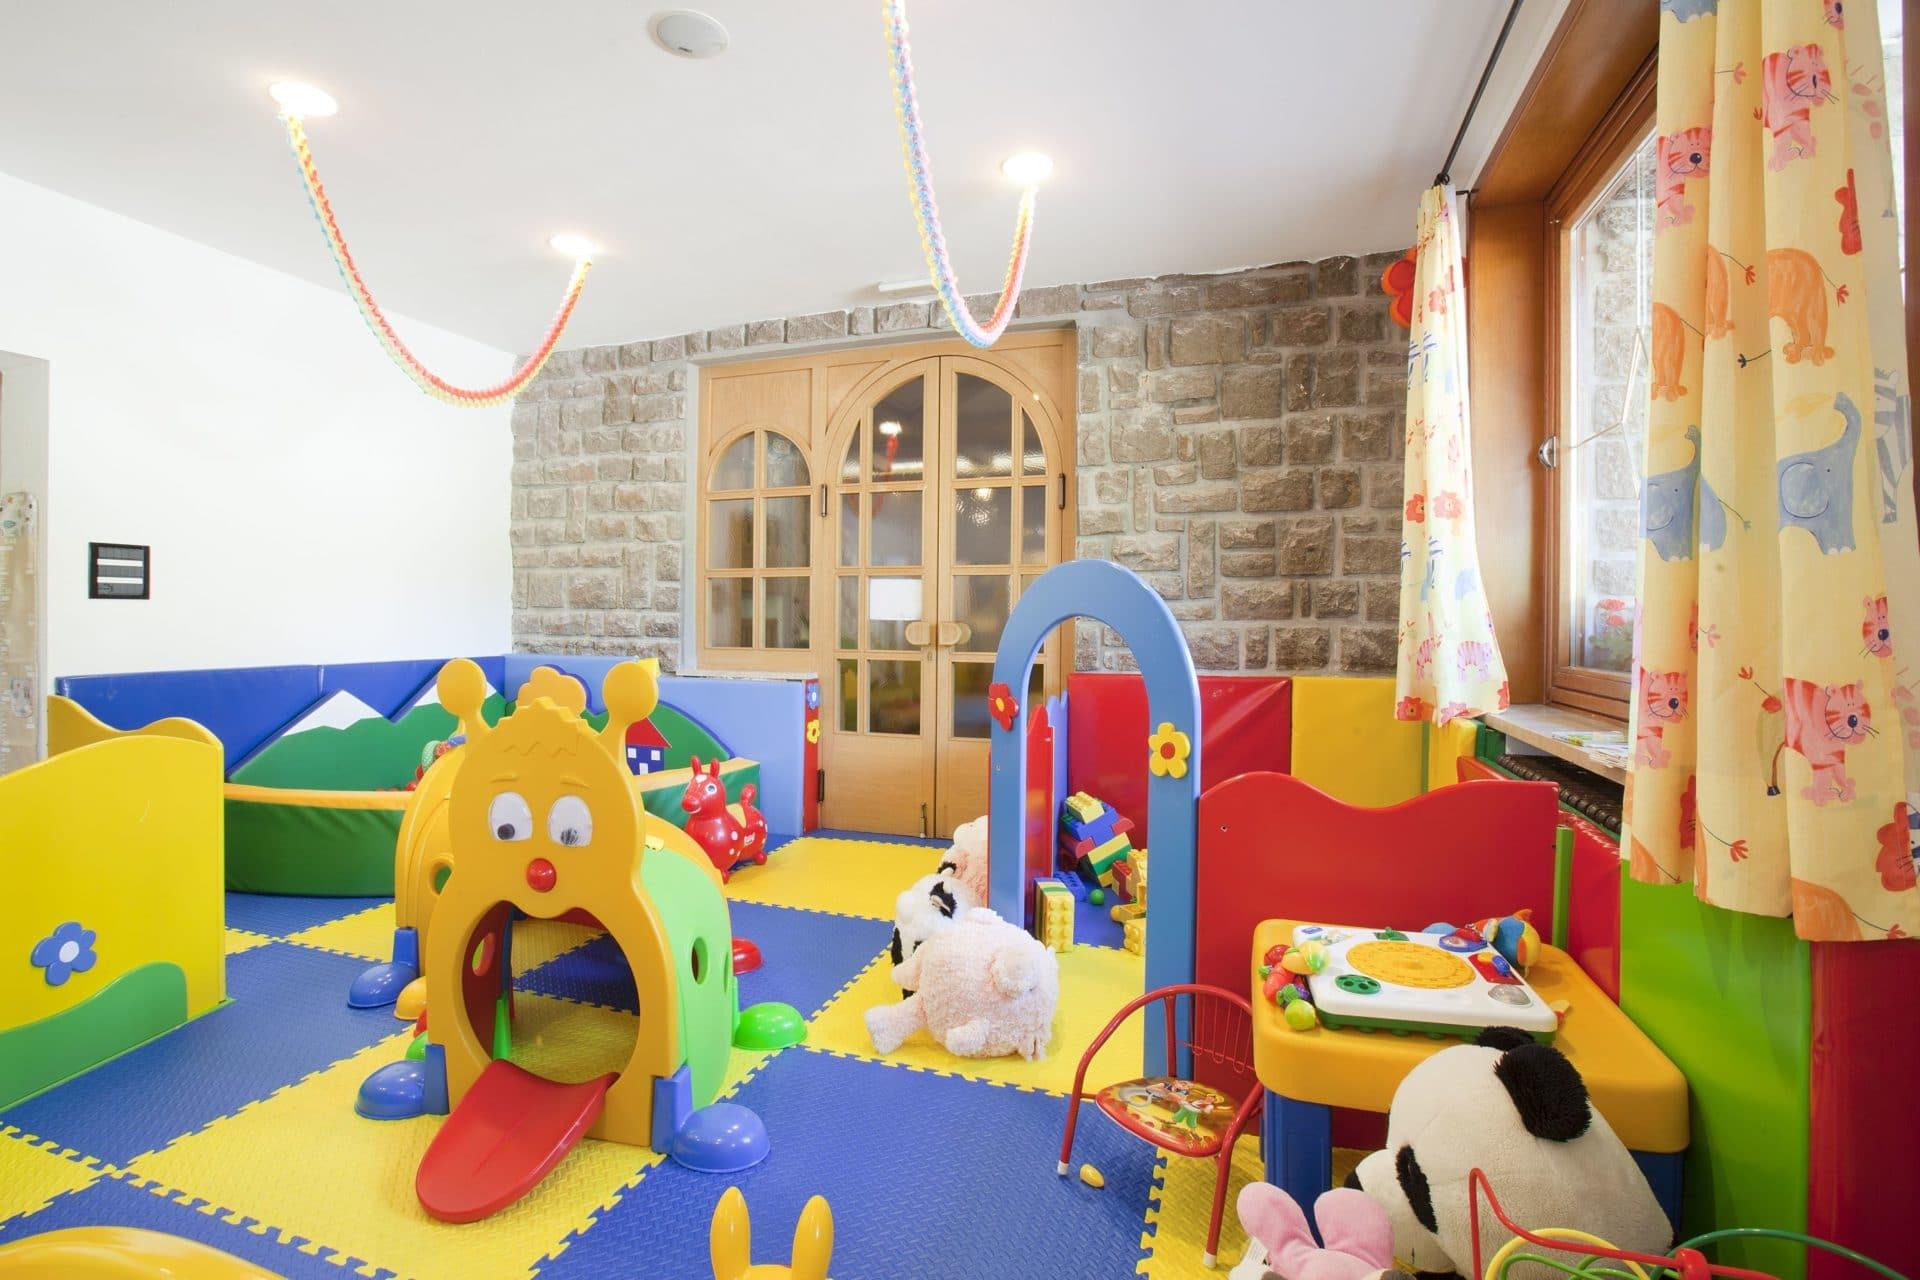 Hotel per bambini in Val di Fassa: Dolce Casa, sala 0-3